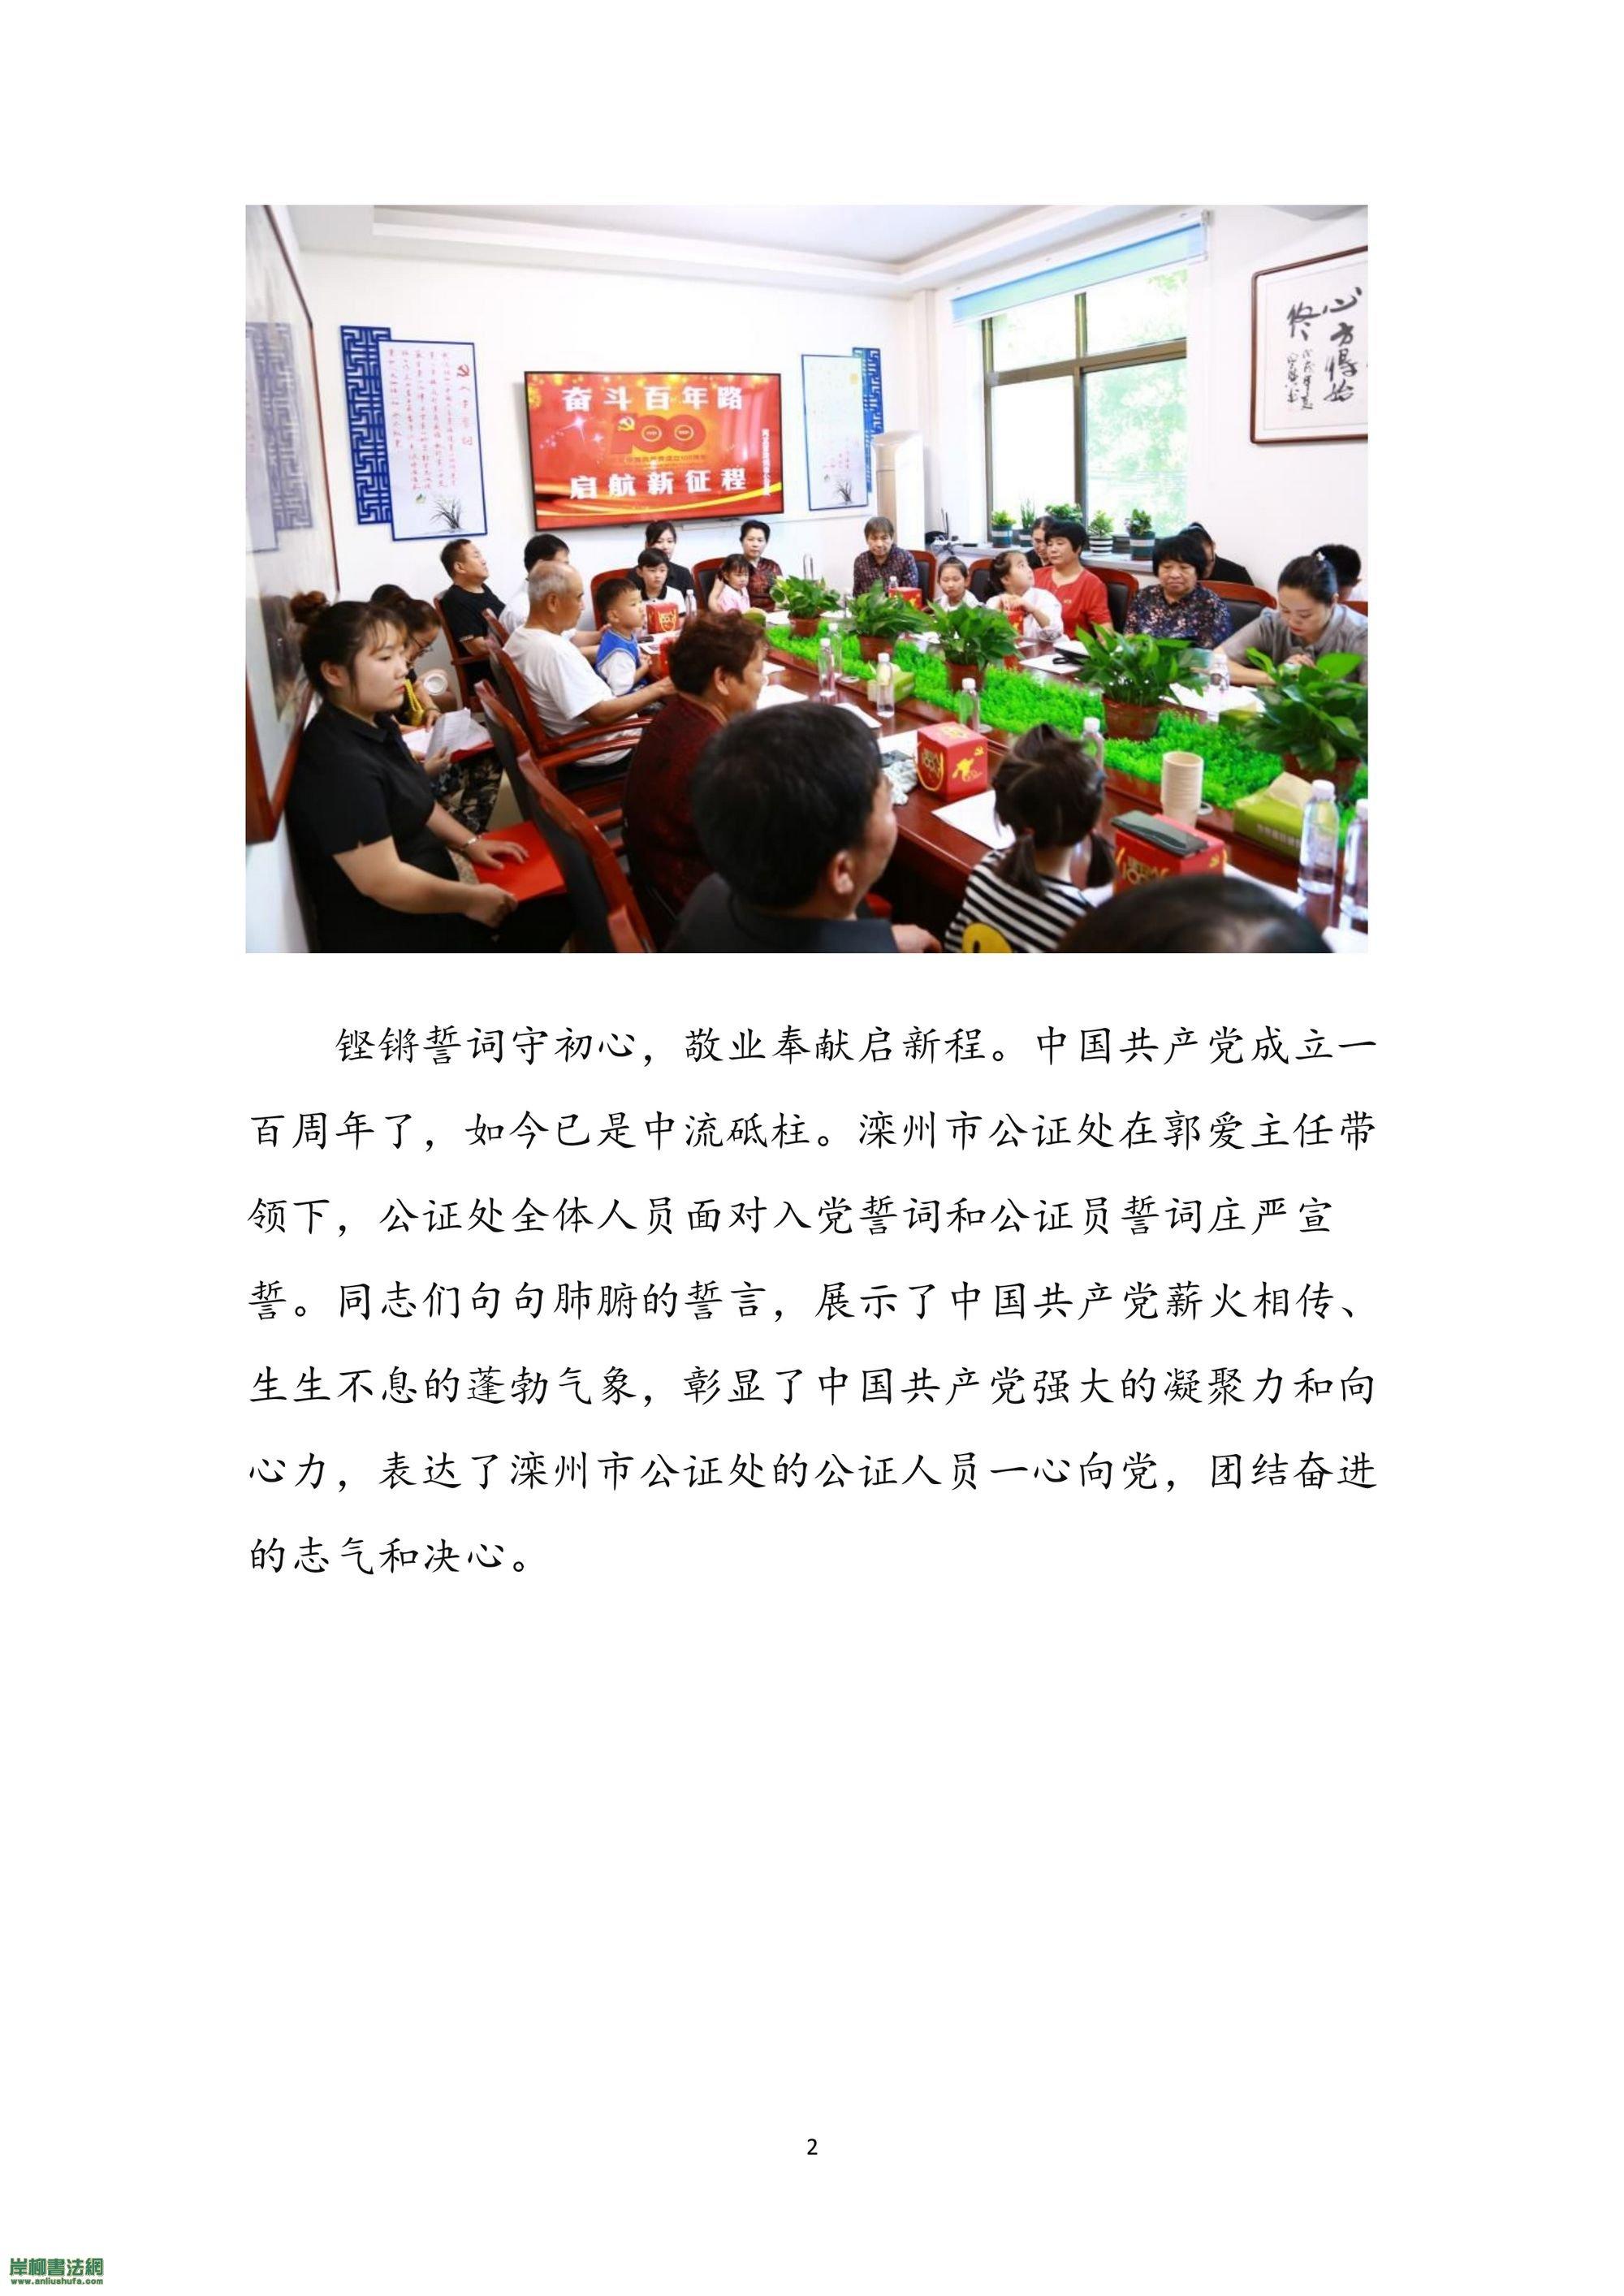 在滦州市公证处庆祝建党百年活动中,岸柳挥毫作墨